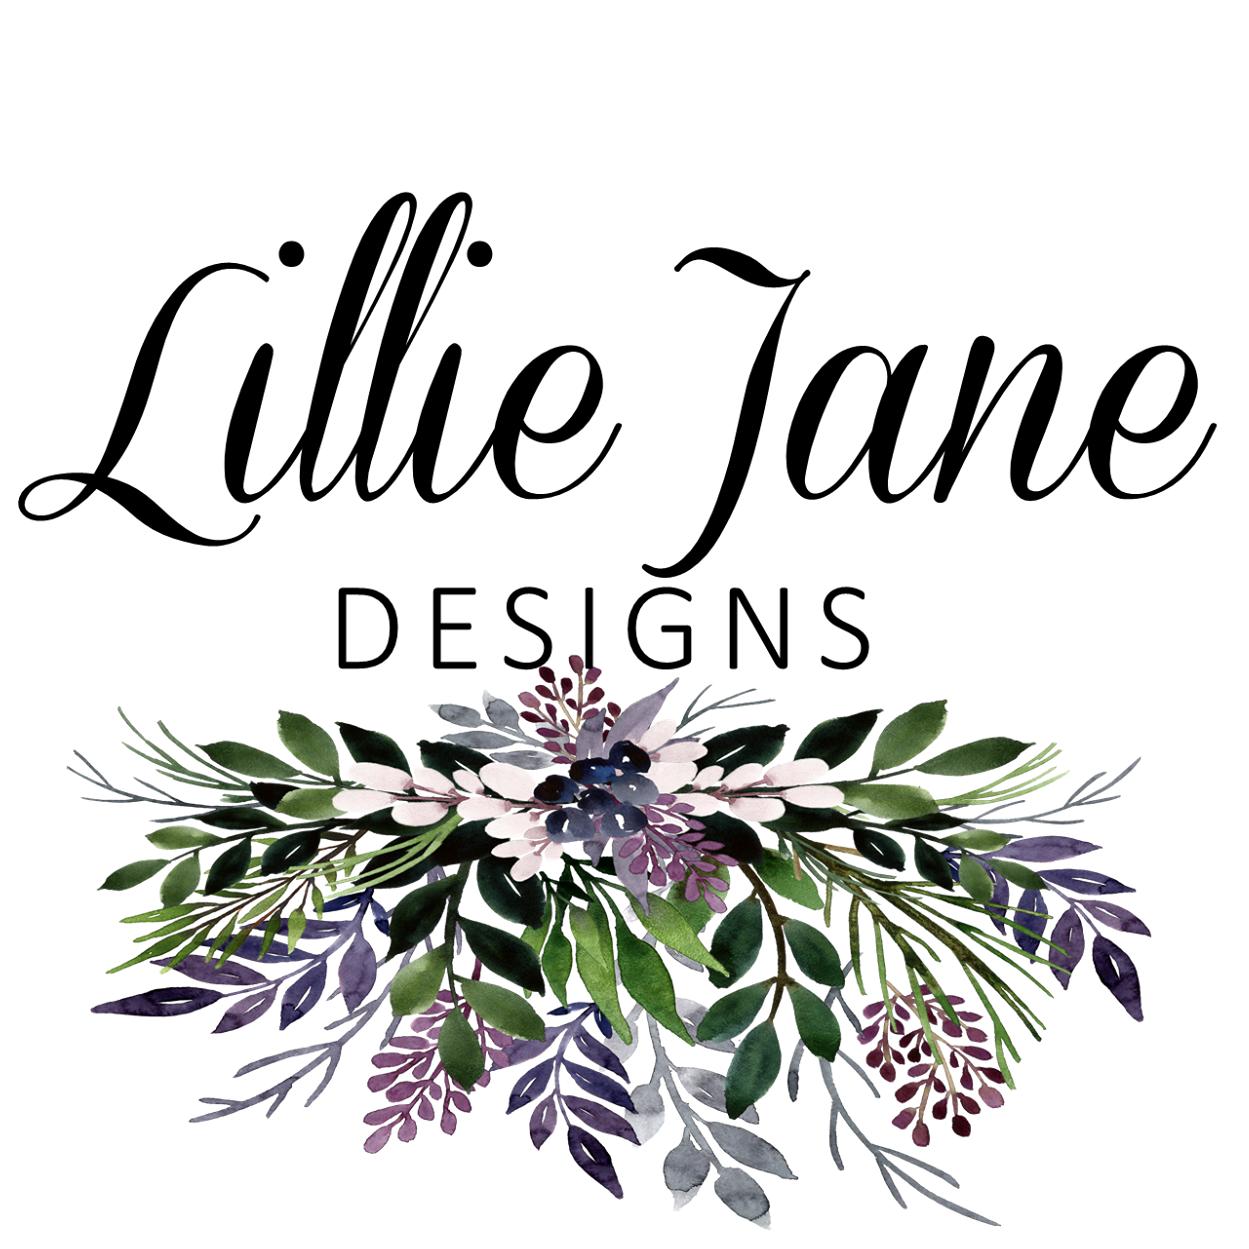 Lillie Jane Designs - Houston Wedding Planner